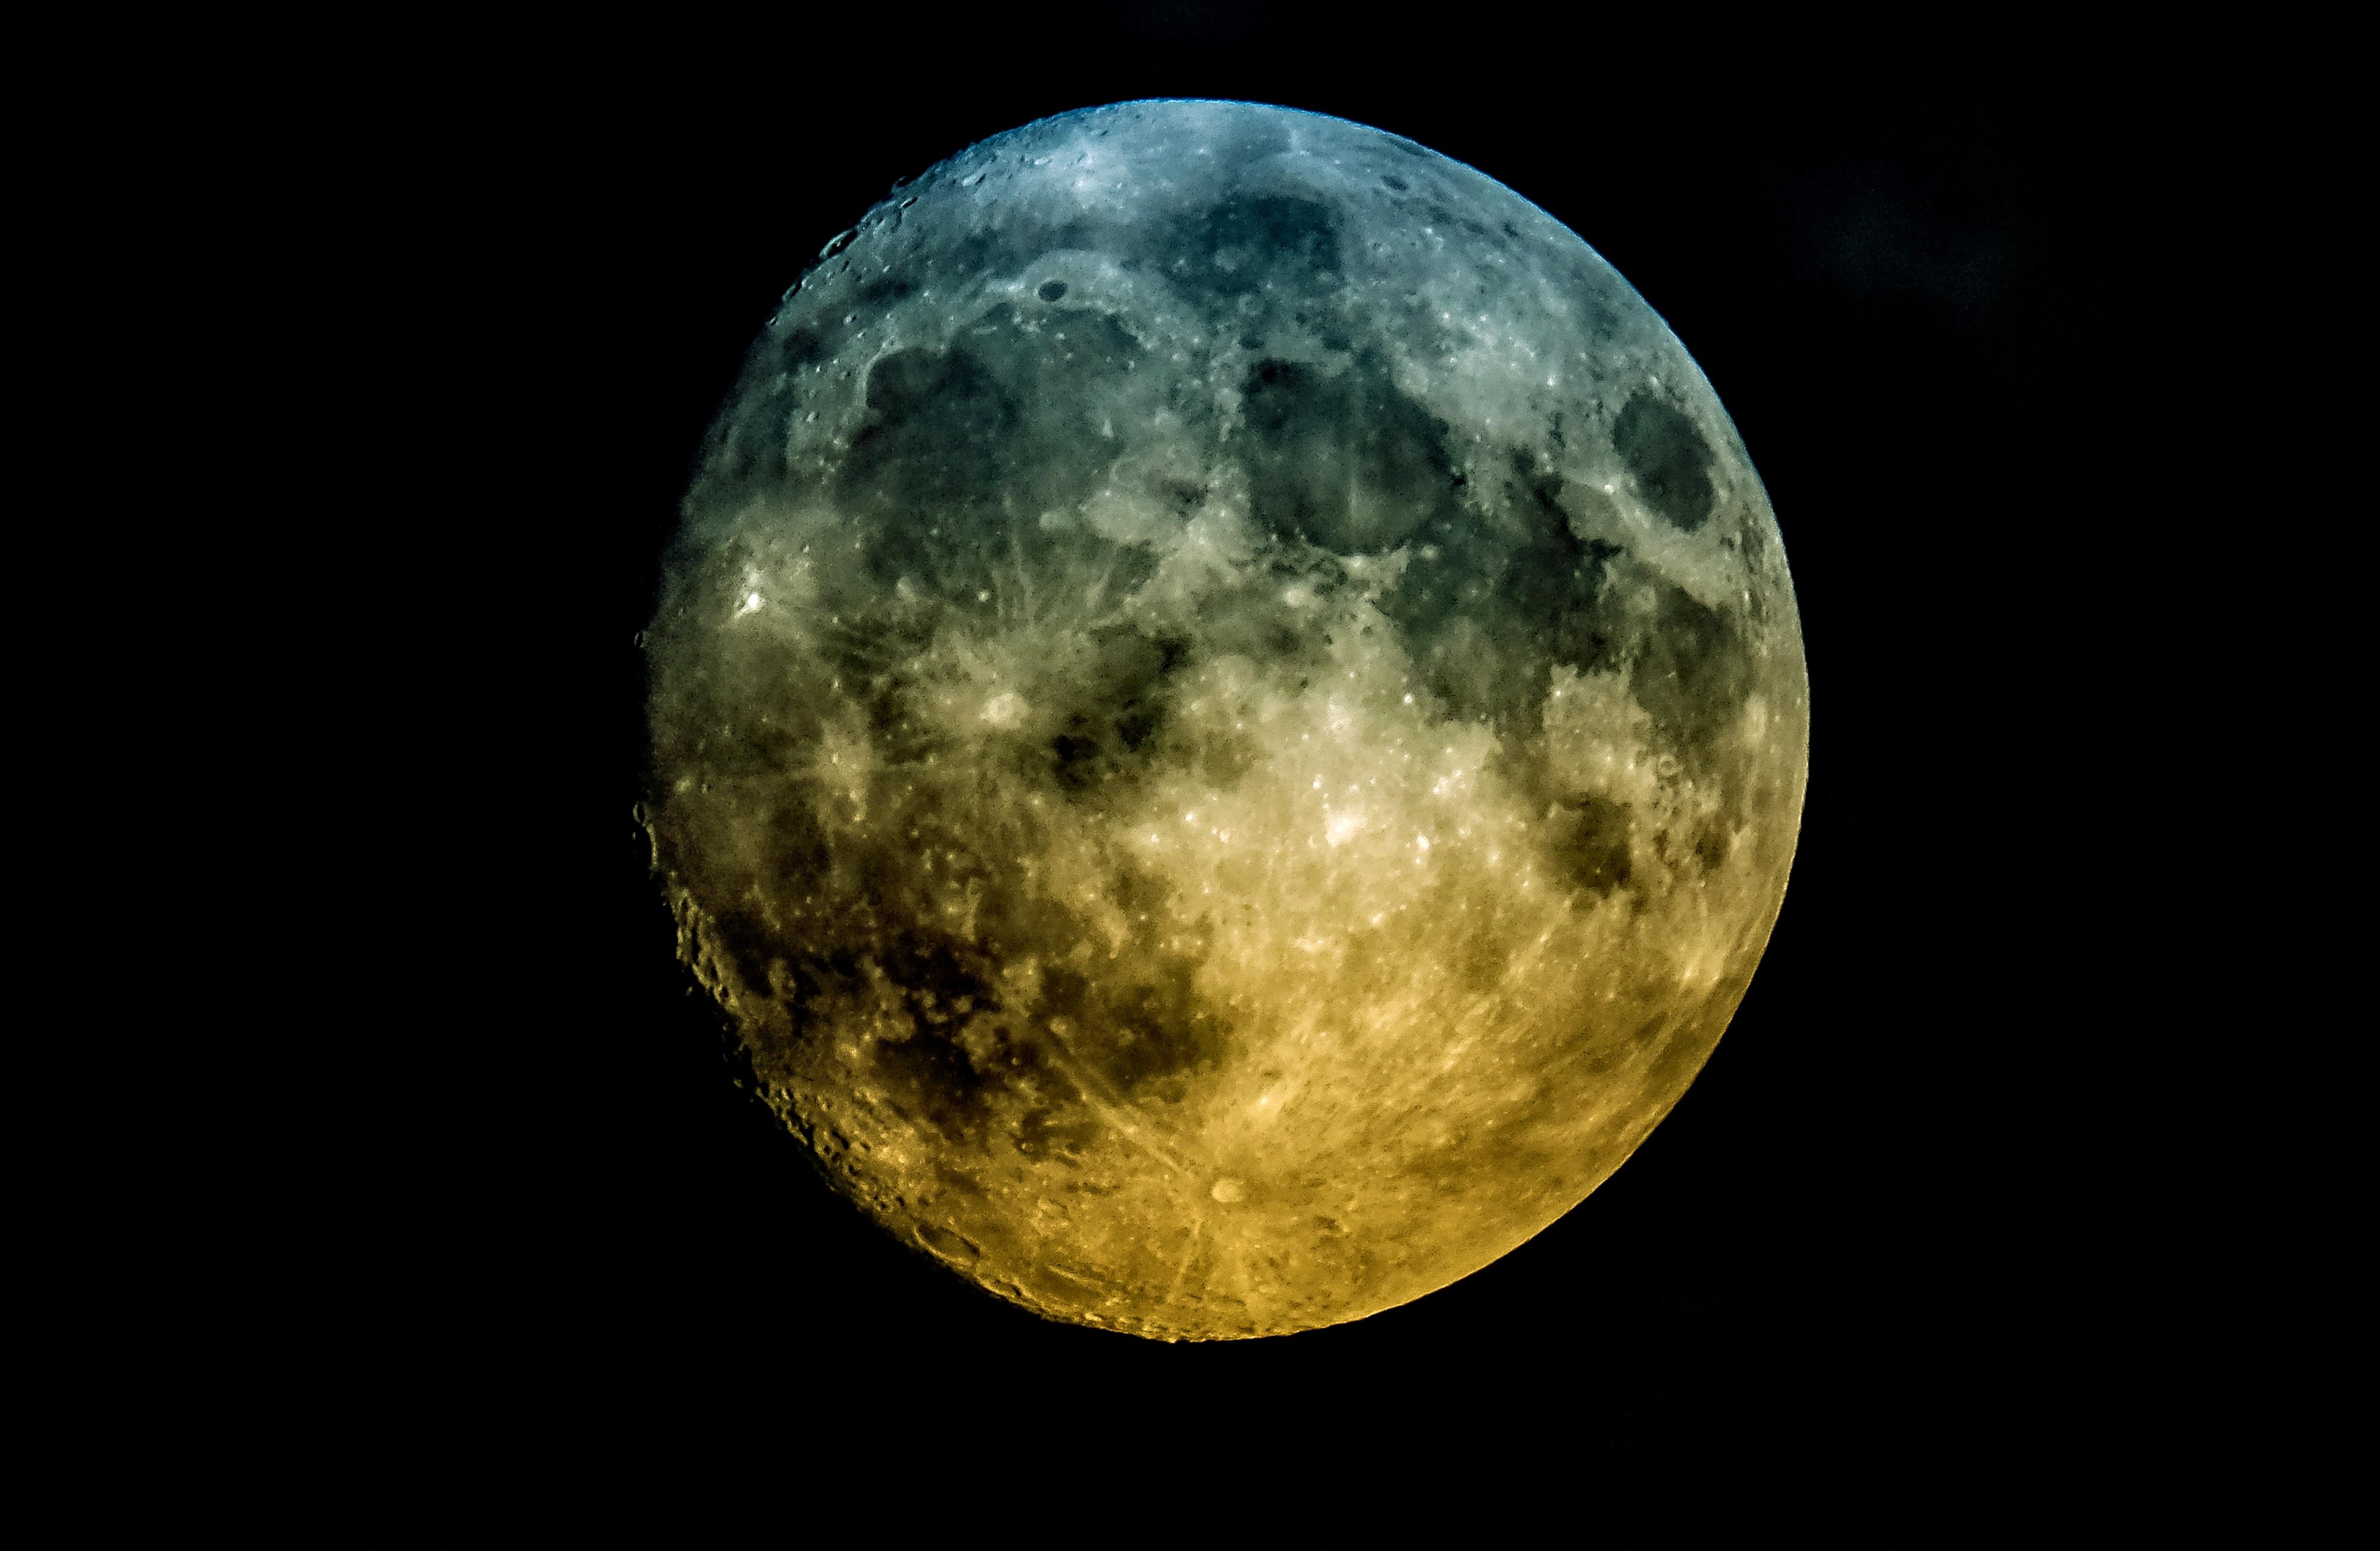 Bien-aimé Images Gratuites : atmosphère, ciel de nuit, pleine lune, cercle  JV01